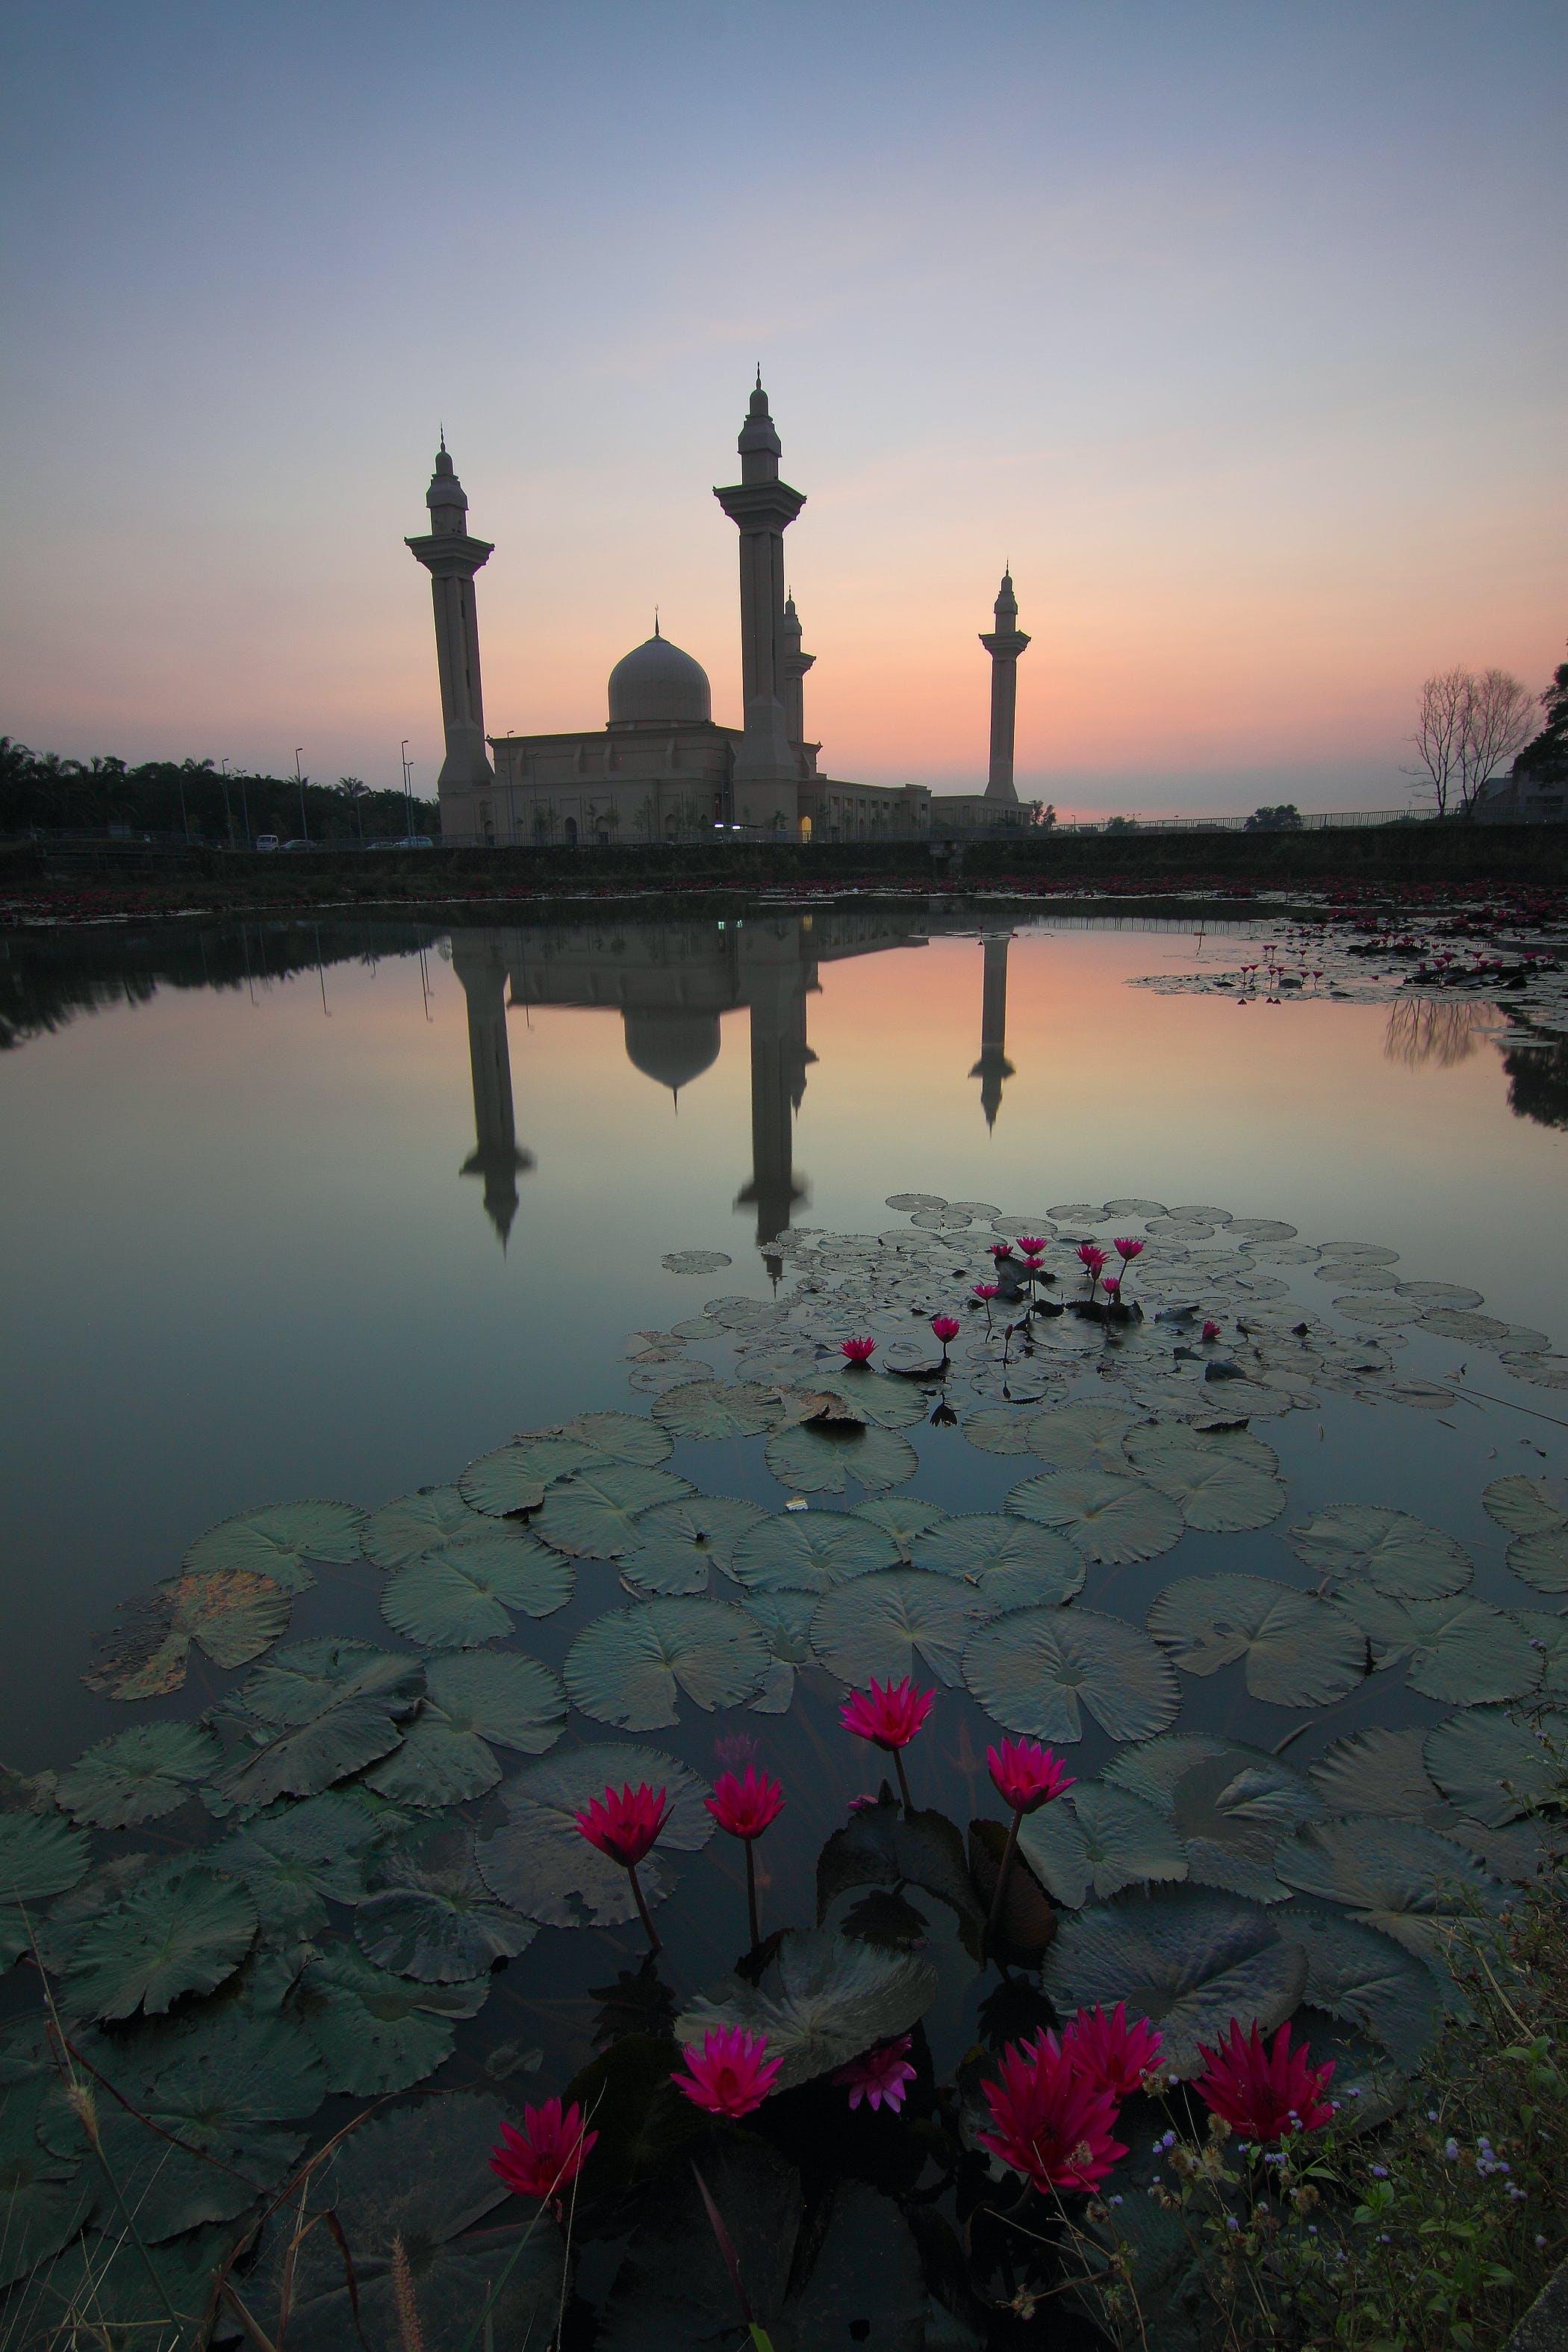 Free stock photo of landscape, sky, sunset, lights